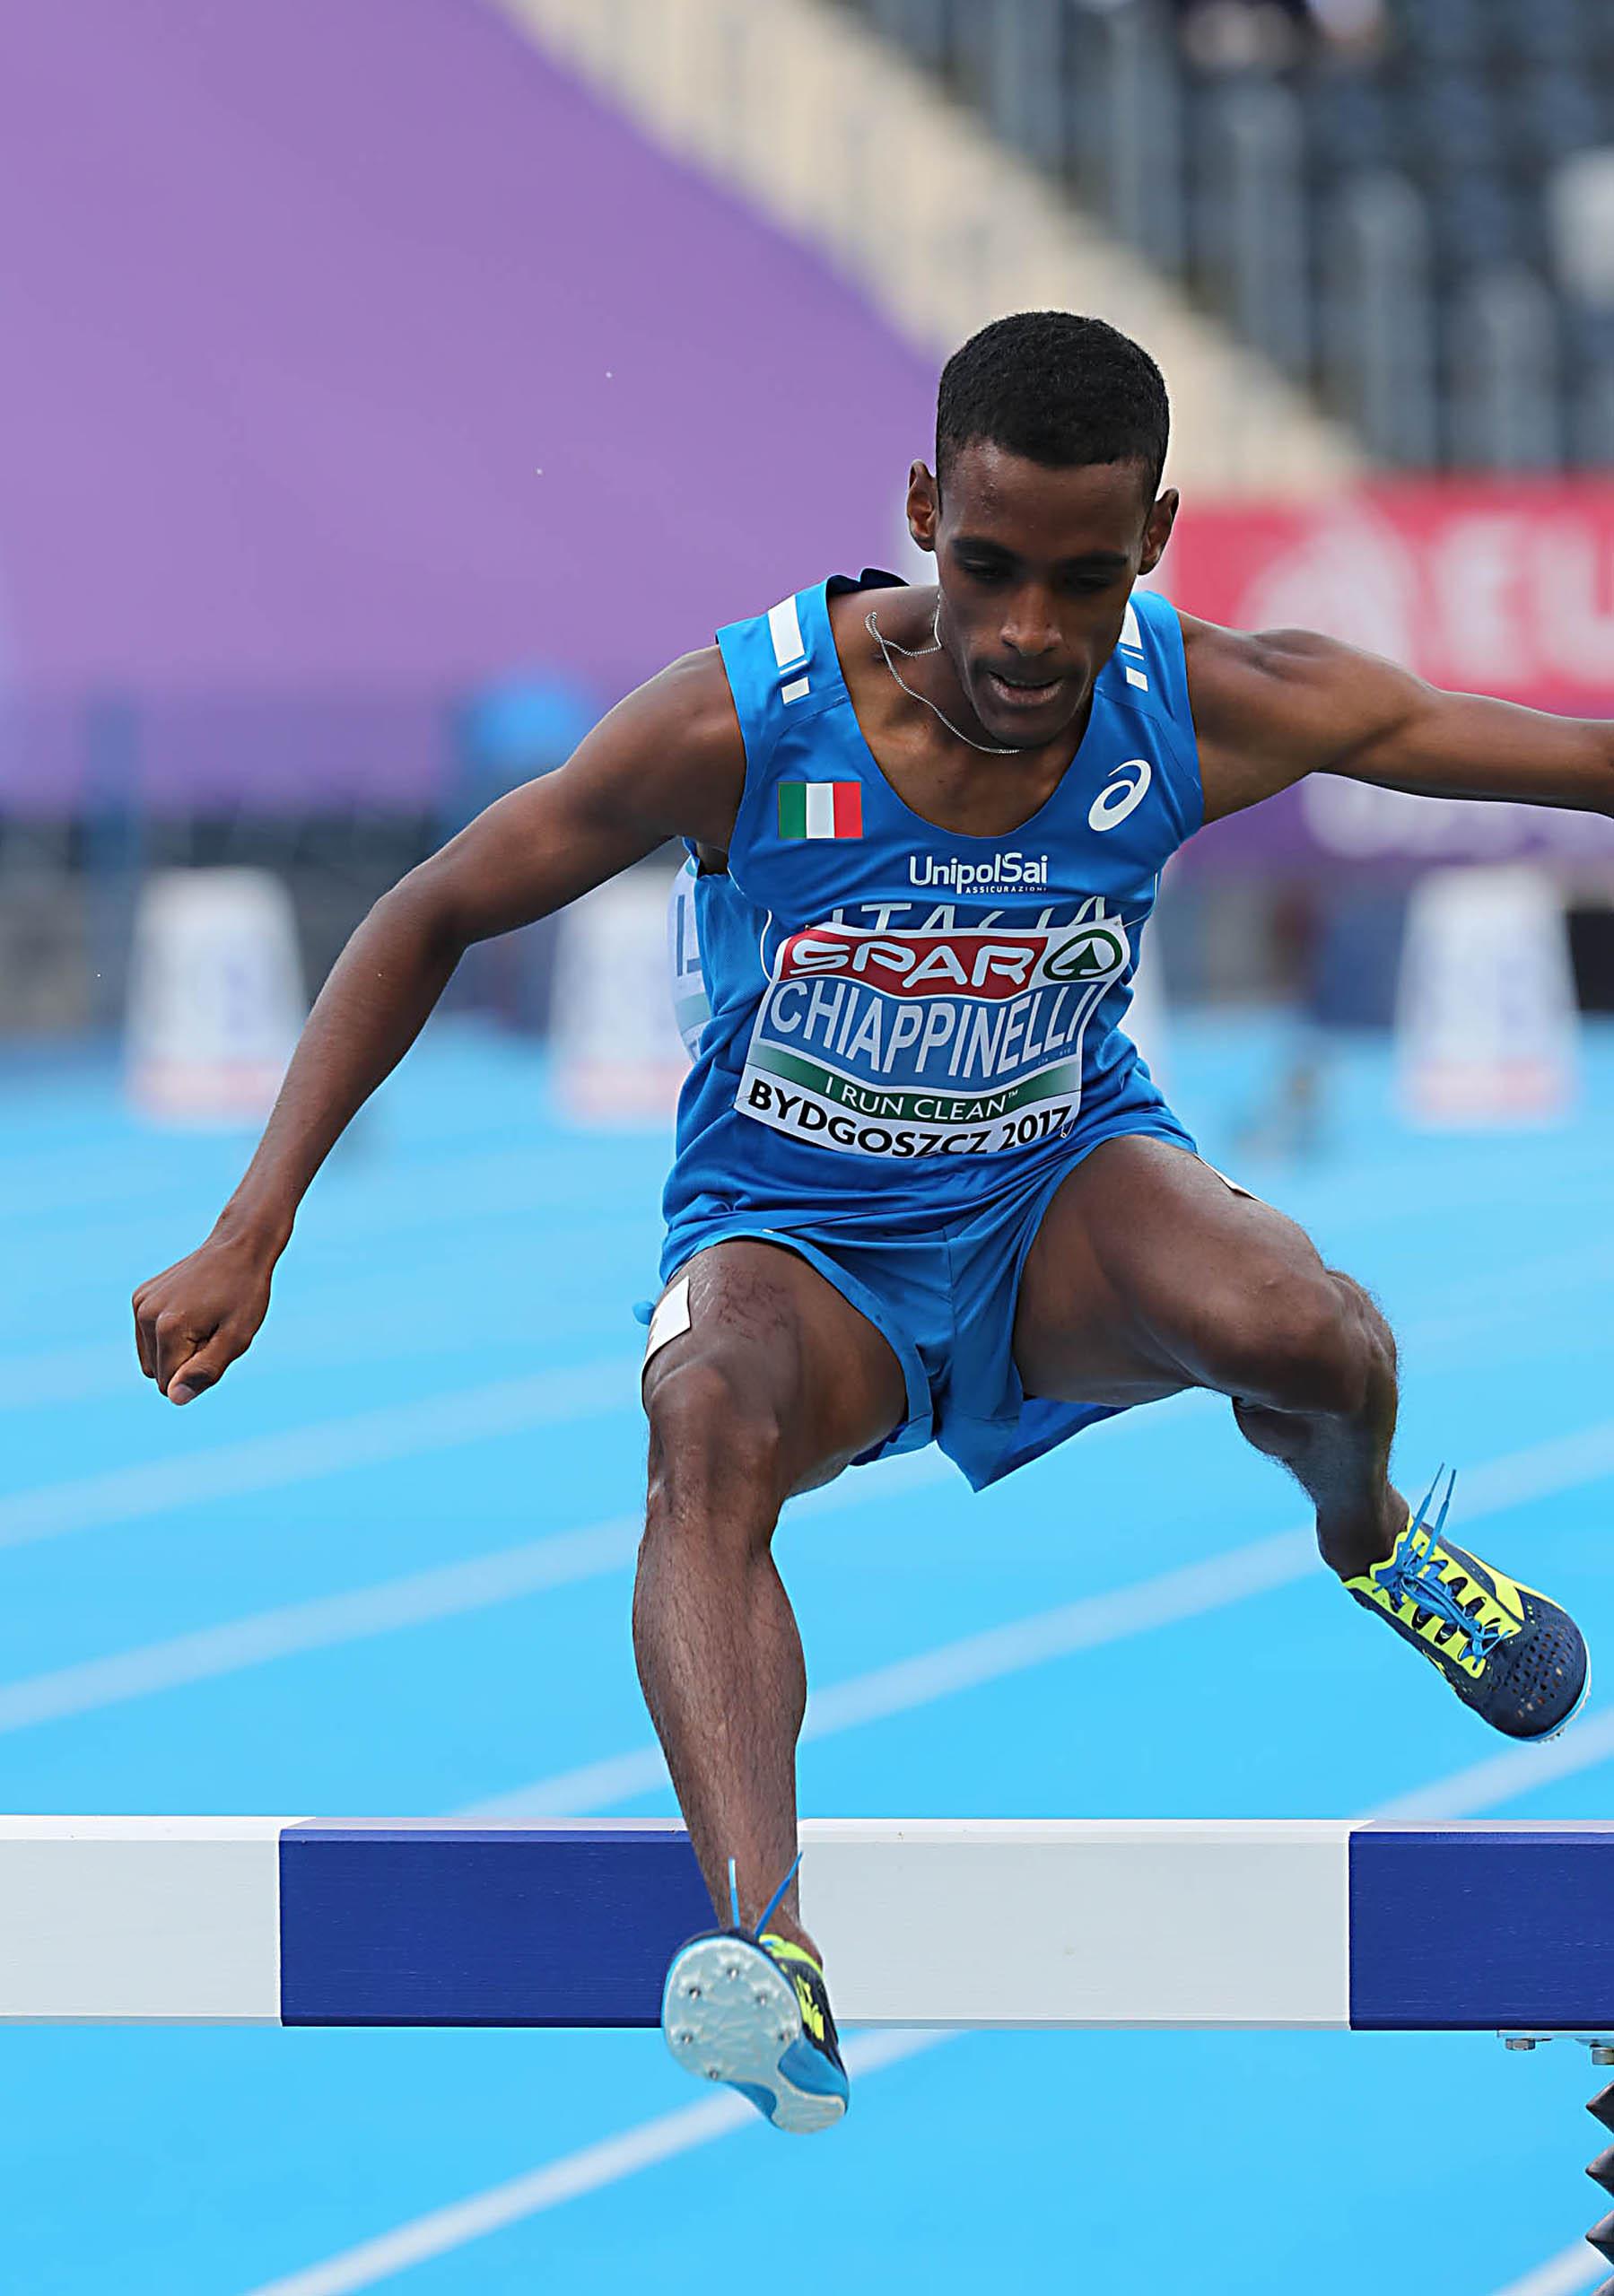 Chiappinelli medaglia di bronzo ai Giochi del Mediterraneo. La gioia dell'Uisp Atletico Siena